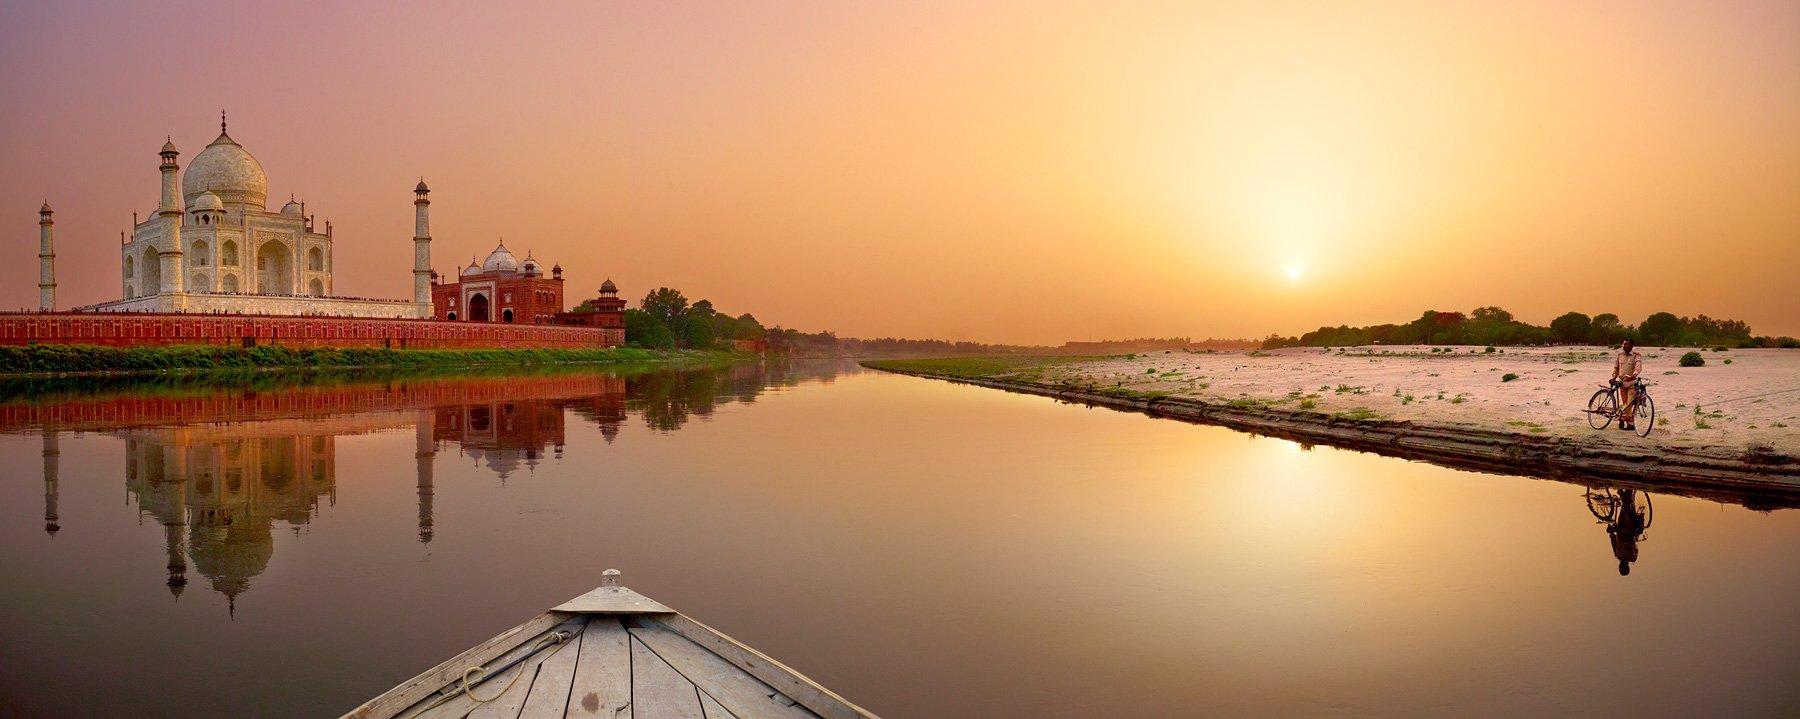 A golden sunrise over the Taj Mahal, Agra, India.